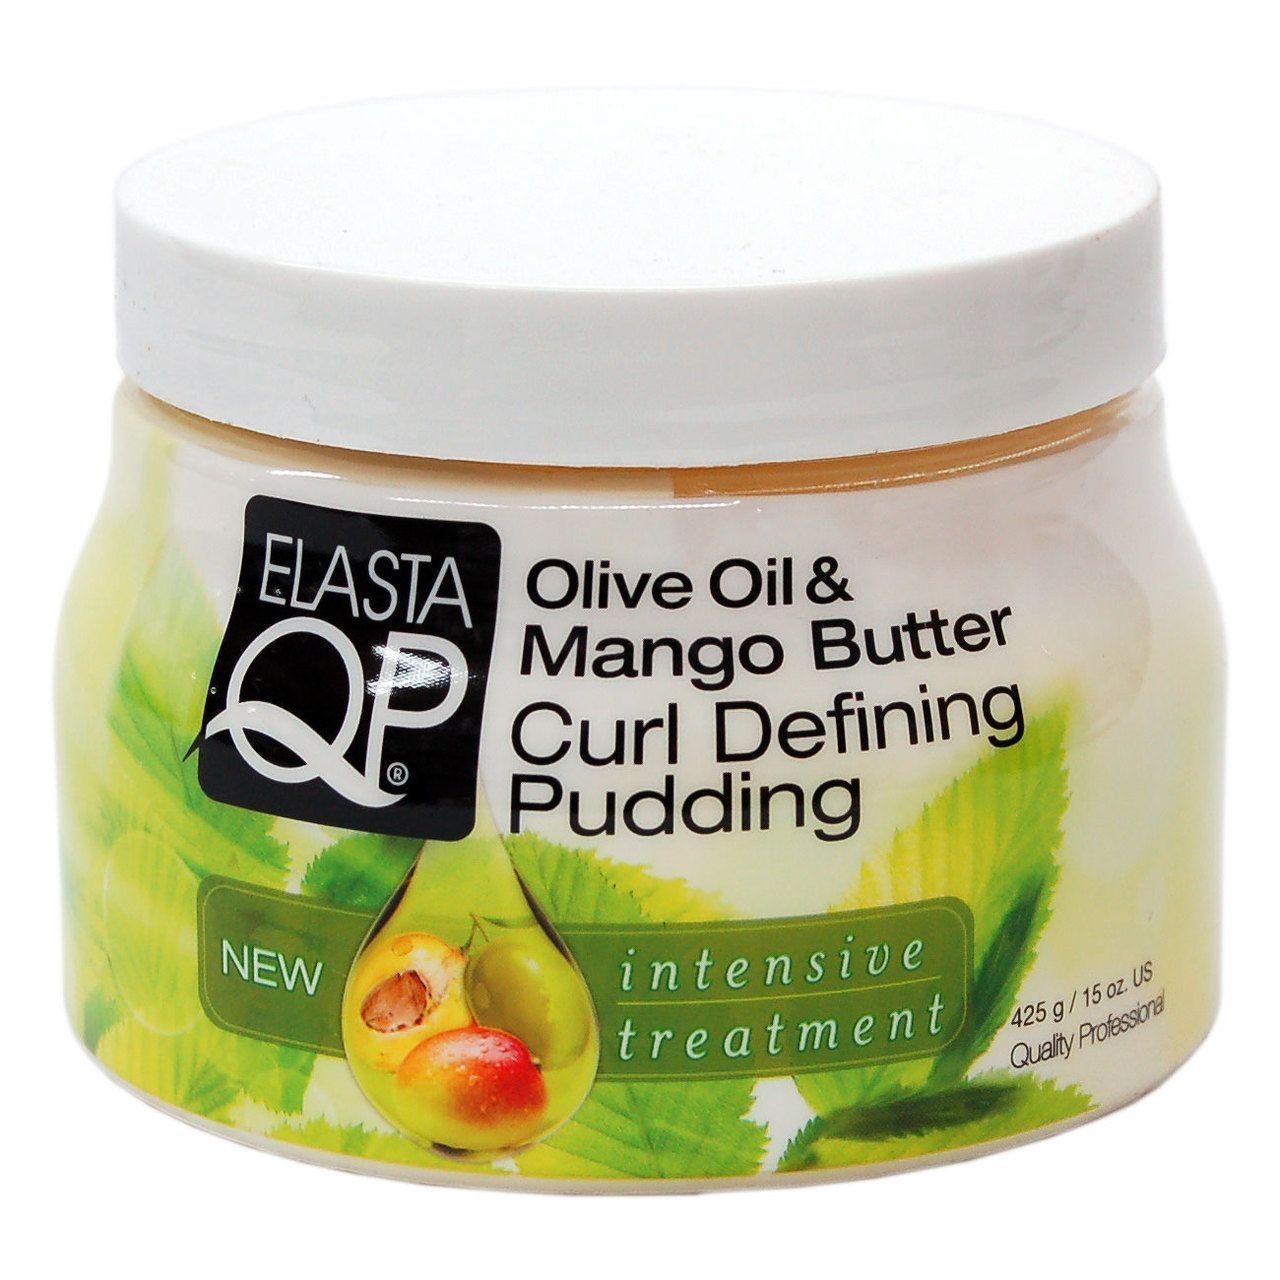 Elasta QP Olive Oil & Mango Butter Curl Defining Pudding - 15oz